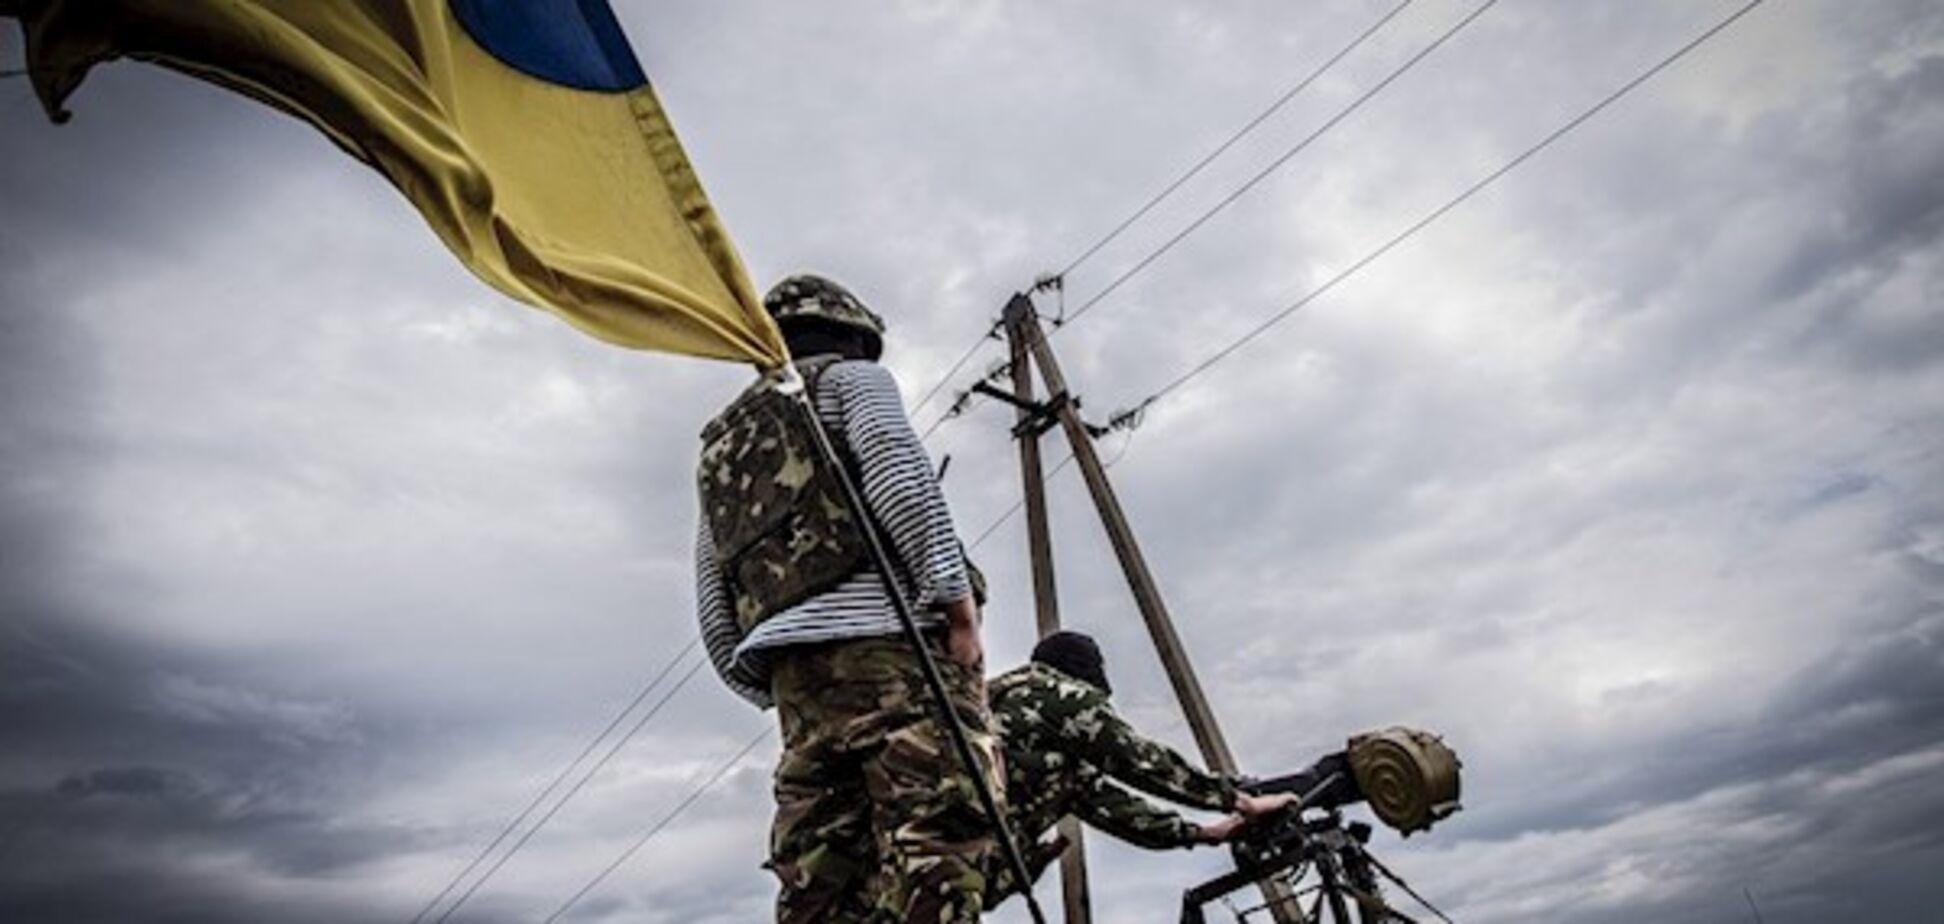 Закон про реінтеграцію: чому розділили питання Криму і Донбасу